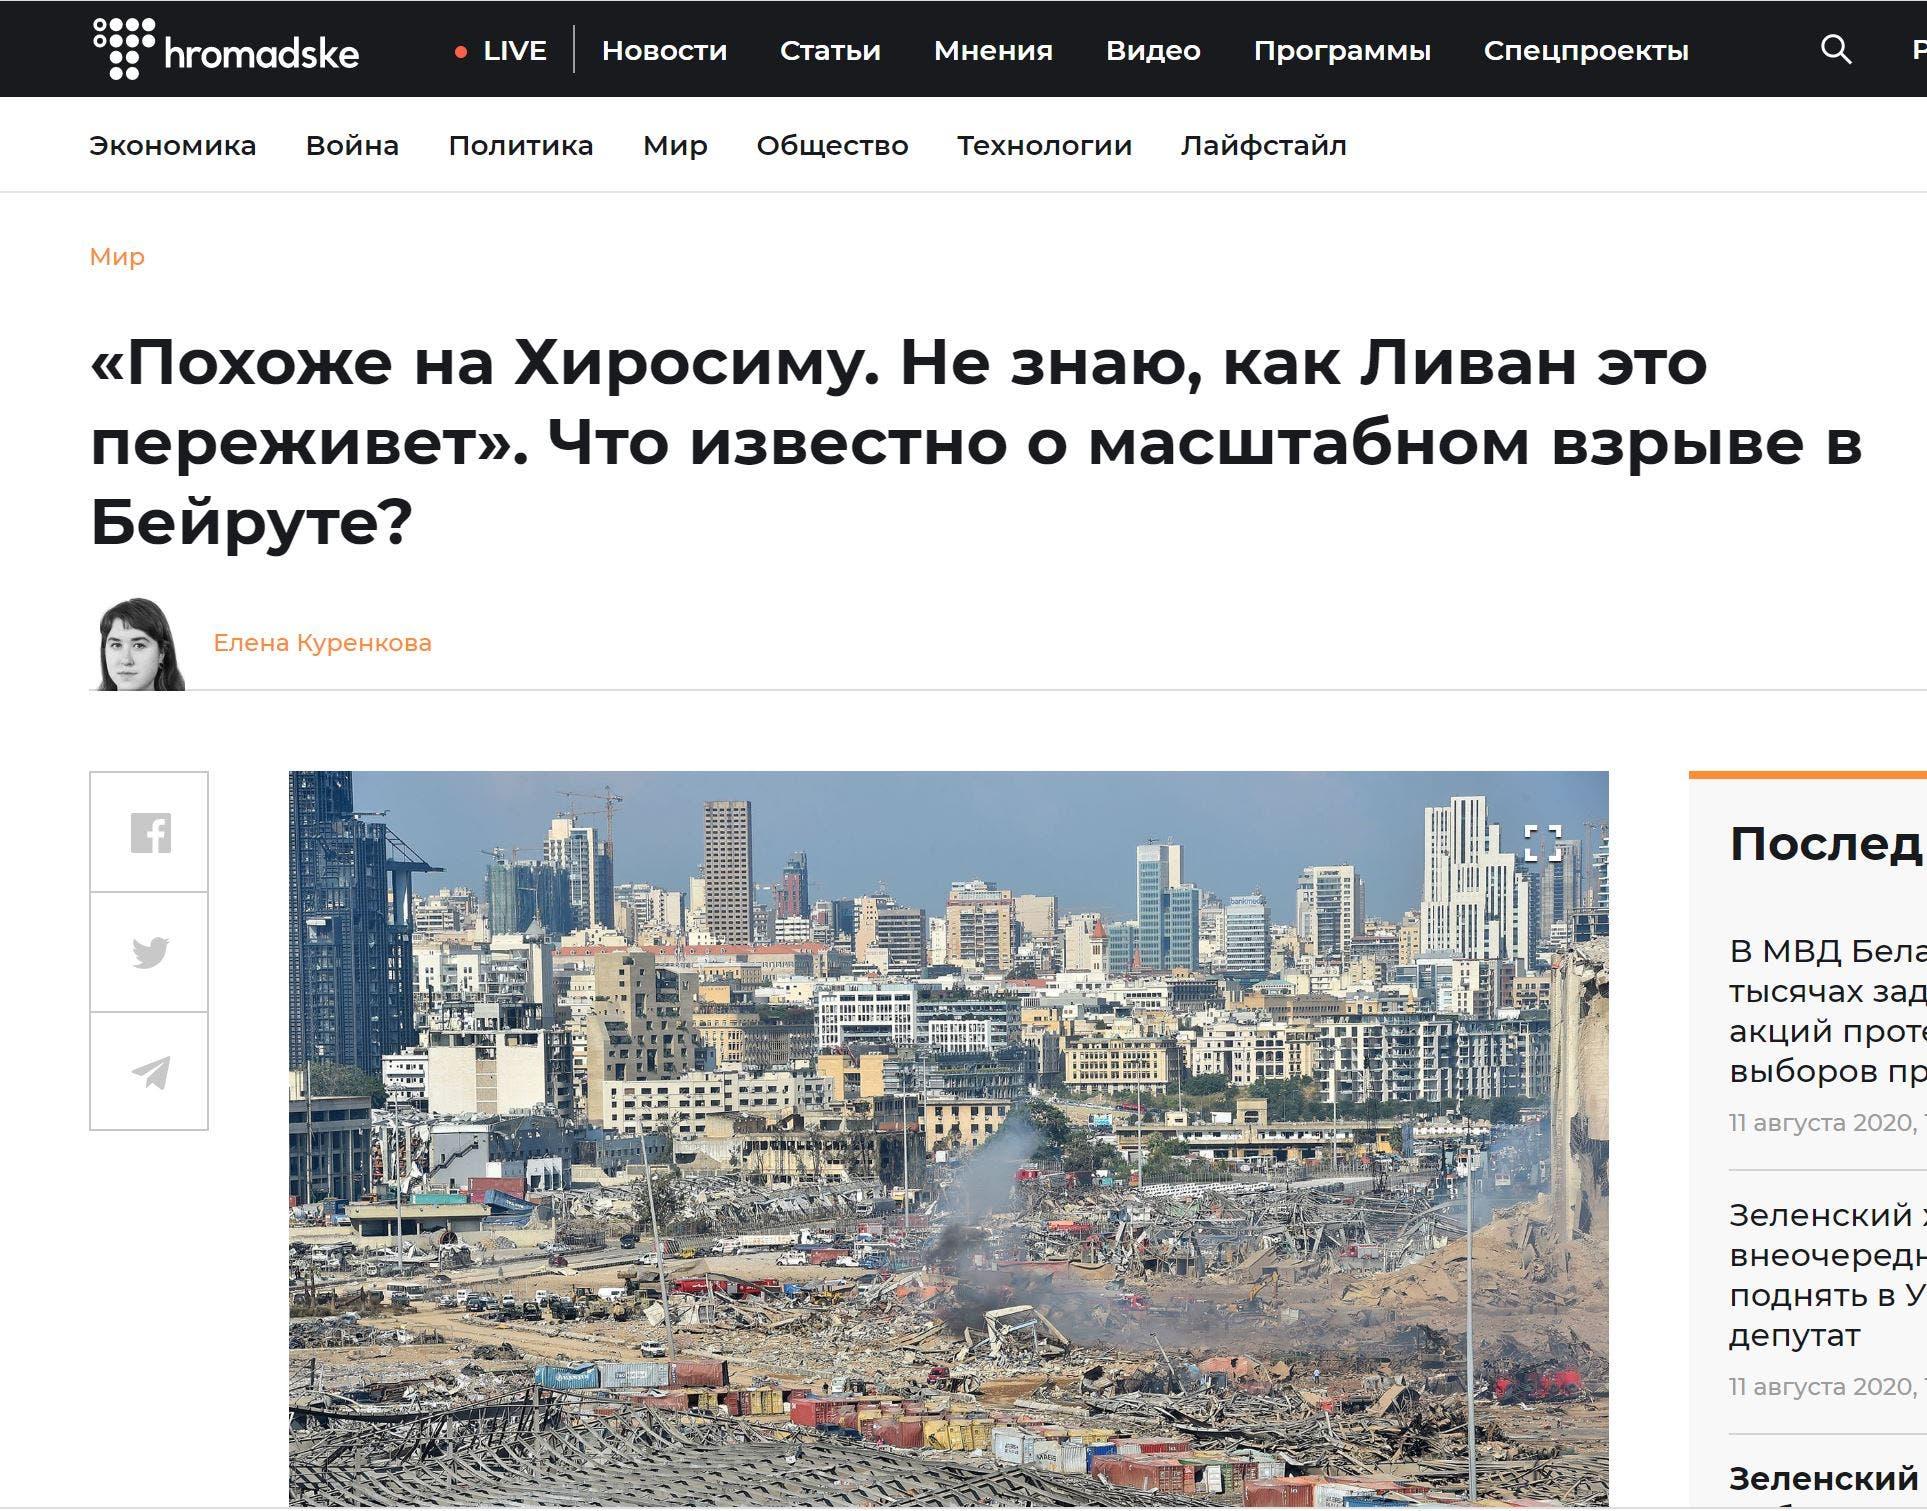 صورة عن الصحفية الأوكرانية